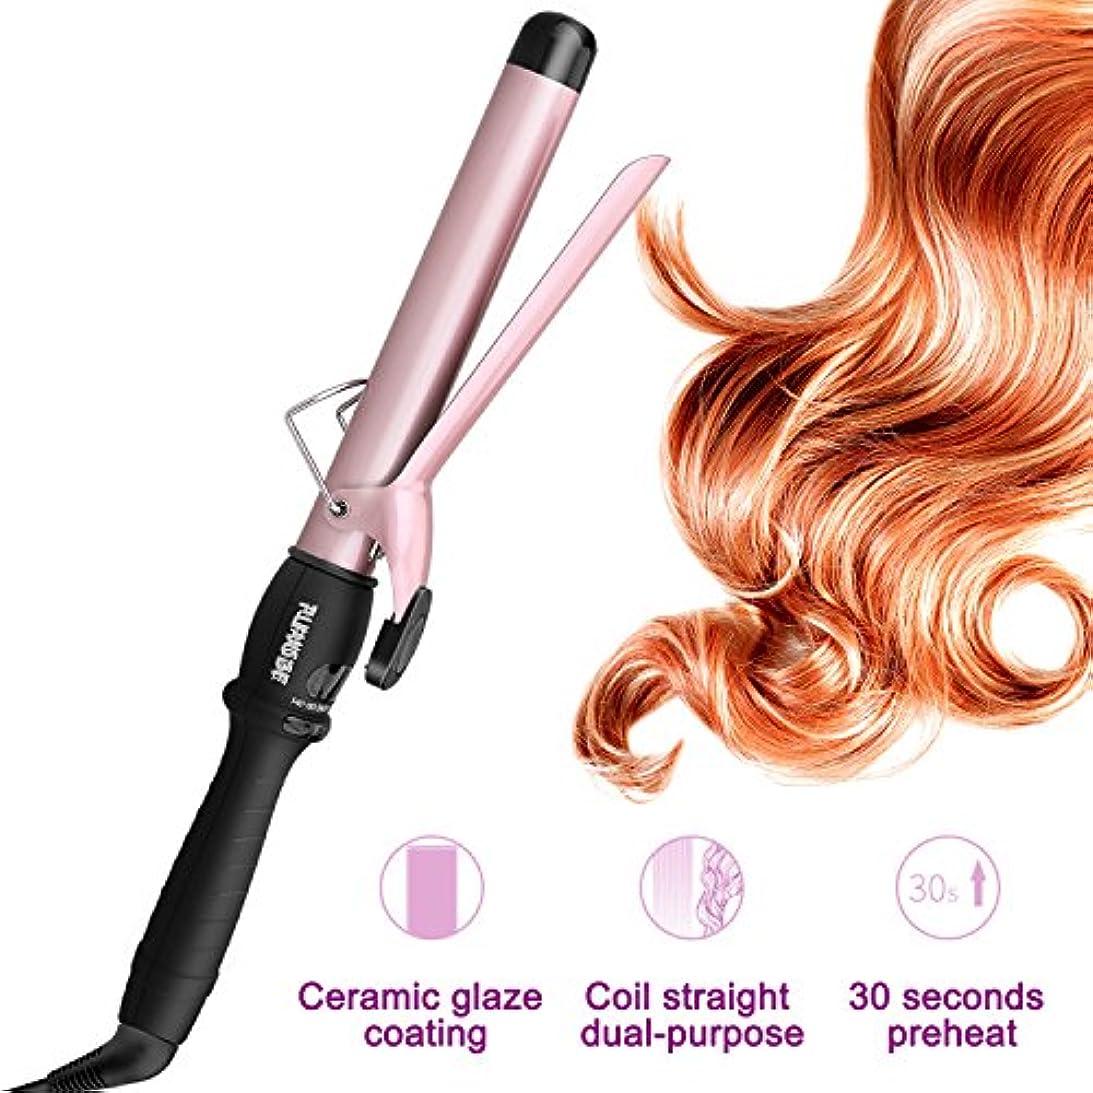 スチームスプレーヘアカーラー多機能ヘアカーラーパーマ液晶自動カーリングアイロンポータブルヘアカーラー髪を傷つけることはありません